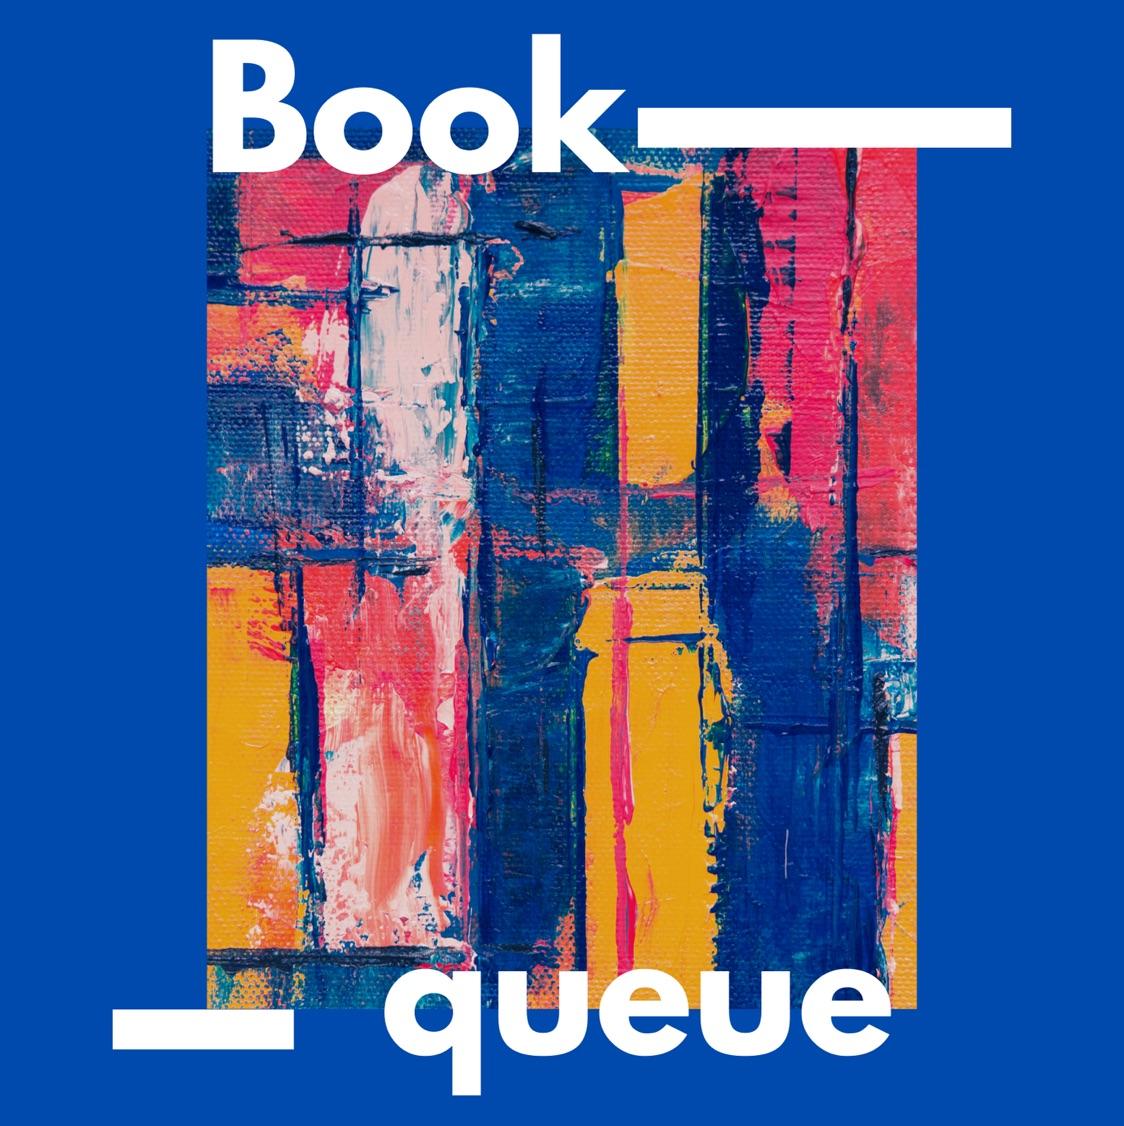 Book queue